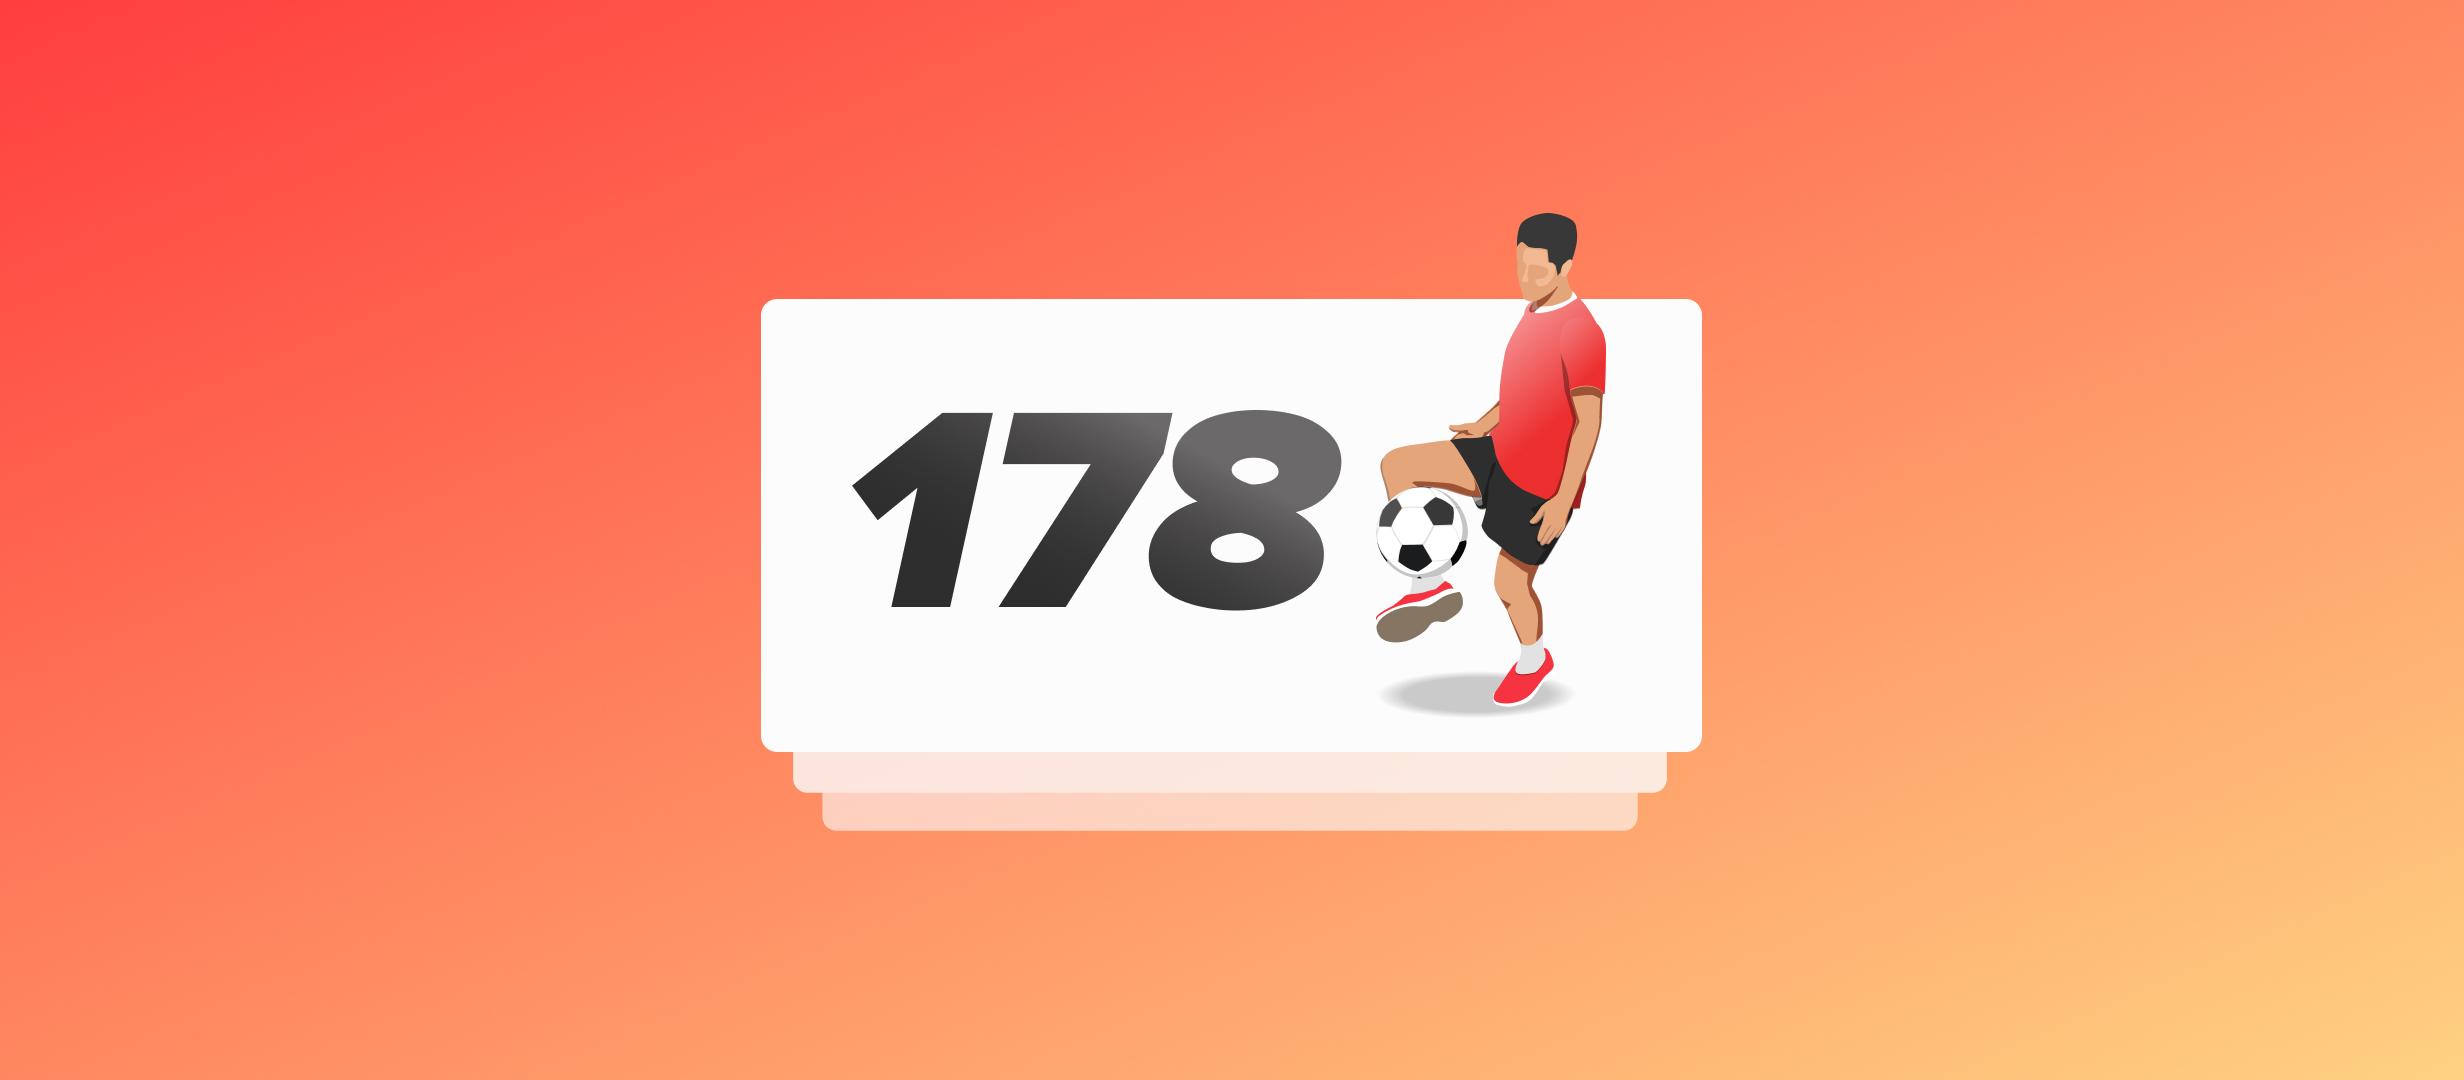 Роналду стал рекордсменом по числу матчей в ЛЧ: что светит «МЮ» в турнире вместе с CR7?